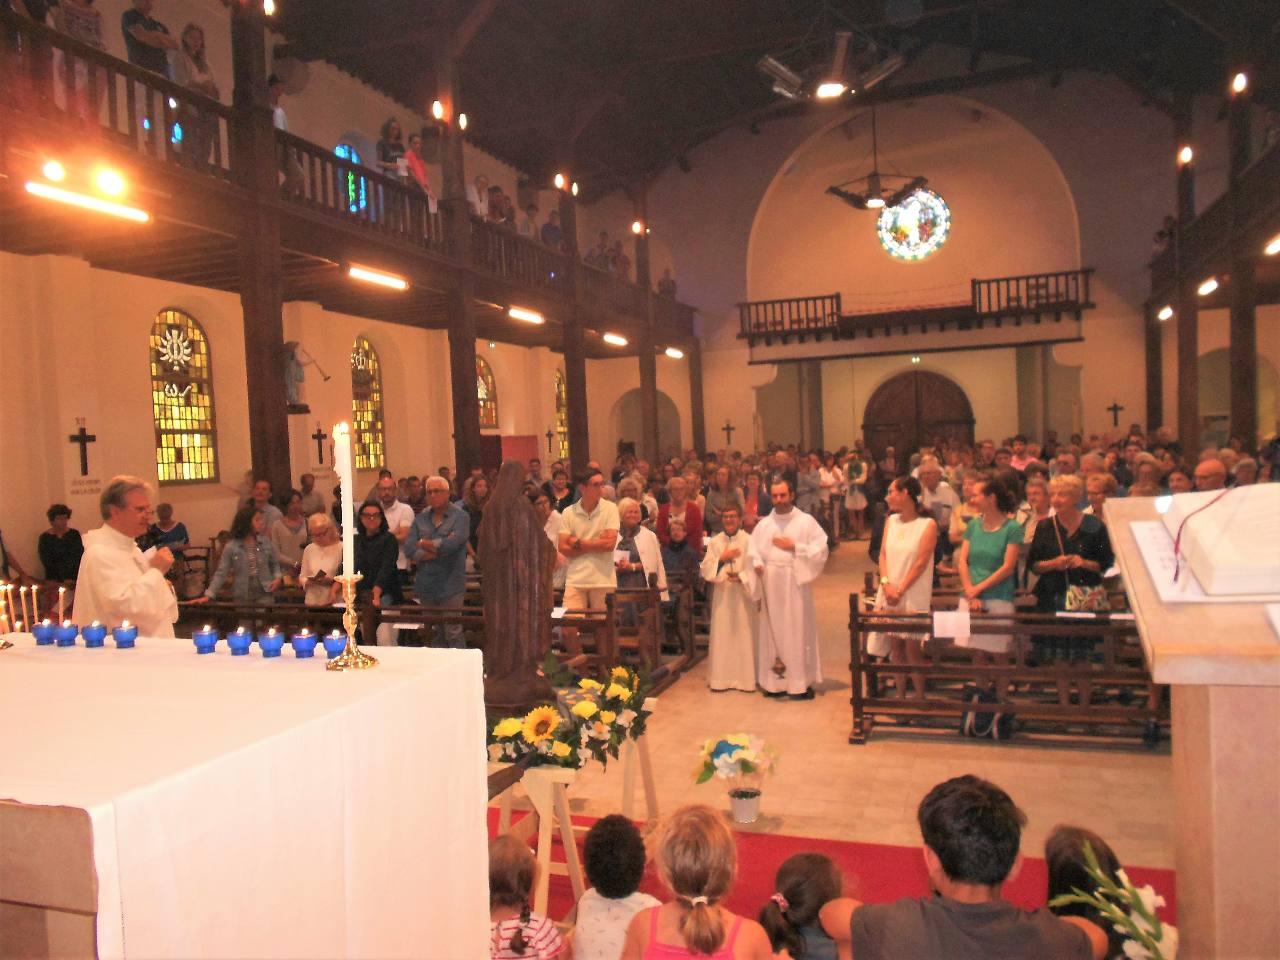 Les remerciements de l'abbé Jean-Marc pour tous et notamment à Iban, notre séminariste d'un an, qui participe à sa dernière messe en tant que tel dans notre paroisse